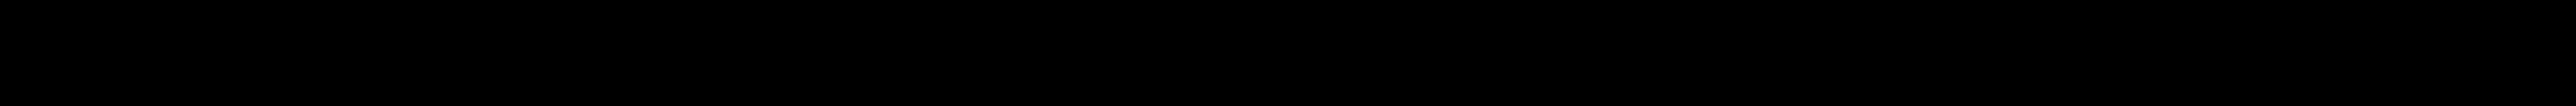 Mit Zorvec Endavia wurde die Krautfäule trotz starkem Befallsdrucks zuverlässig aus dem Bestand gehalten und im Vergleich konnte eine Überfahrt eingespart werden.